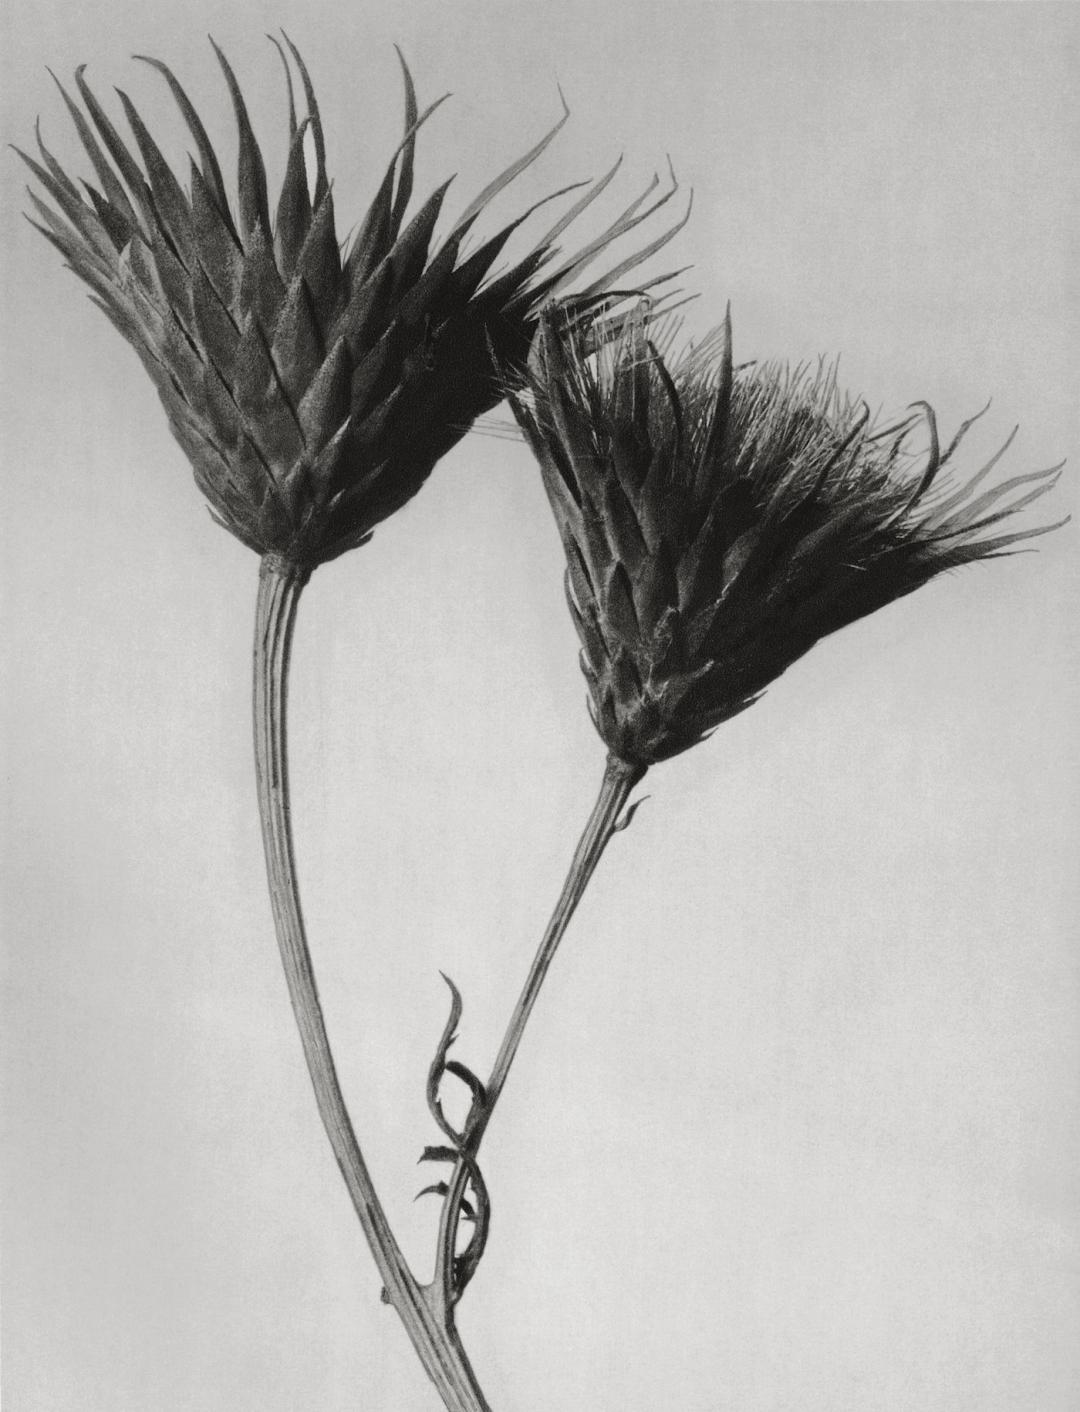 Magnifying the Alien beauty of Plants Karl Blossfeldt.jpg